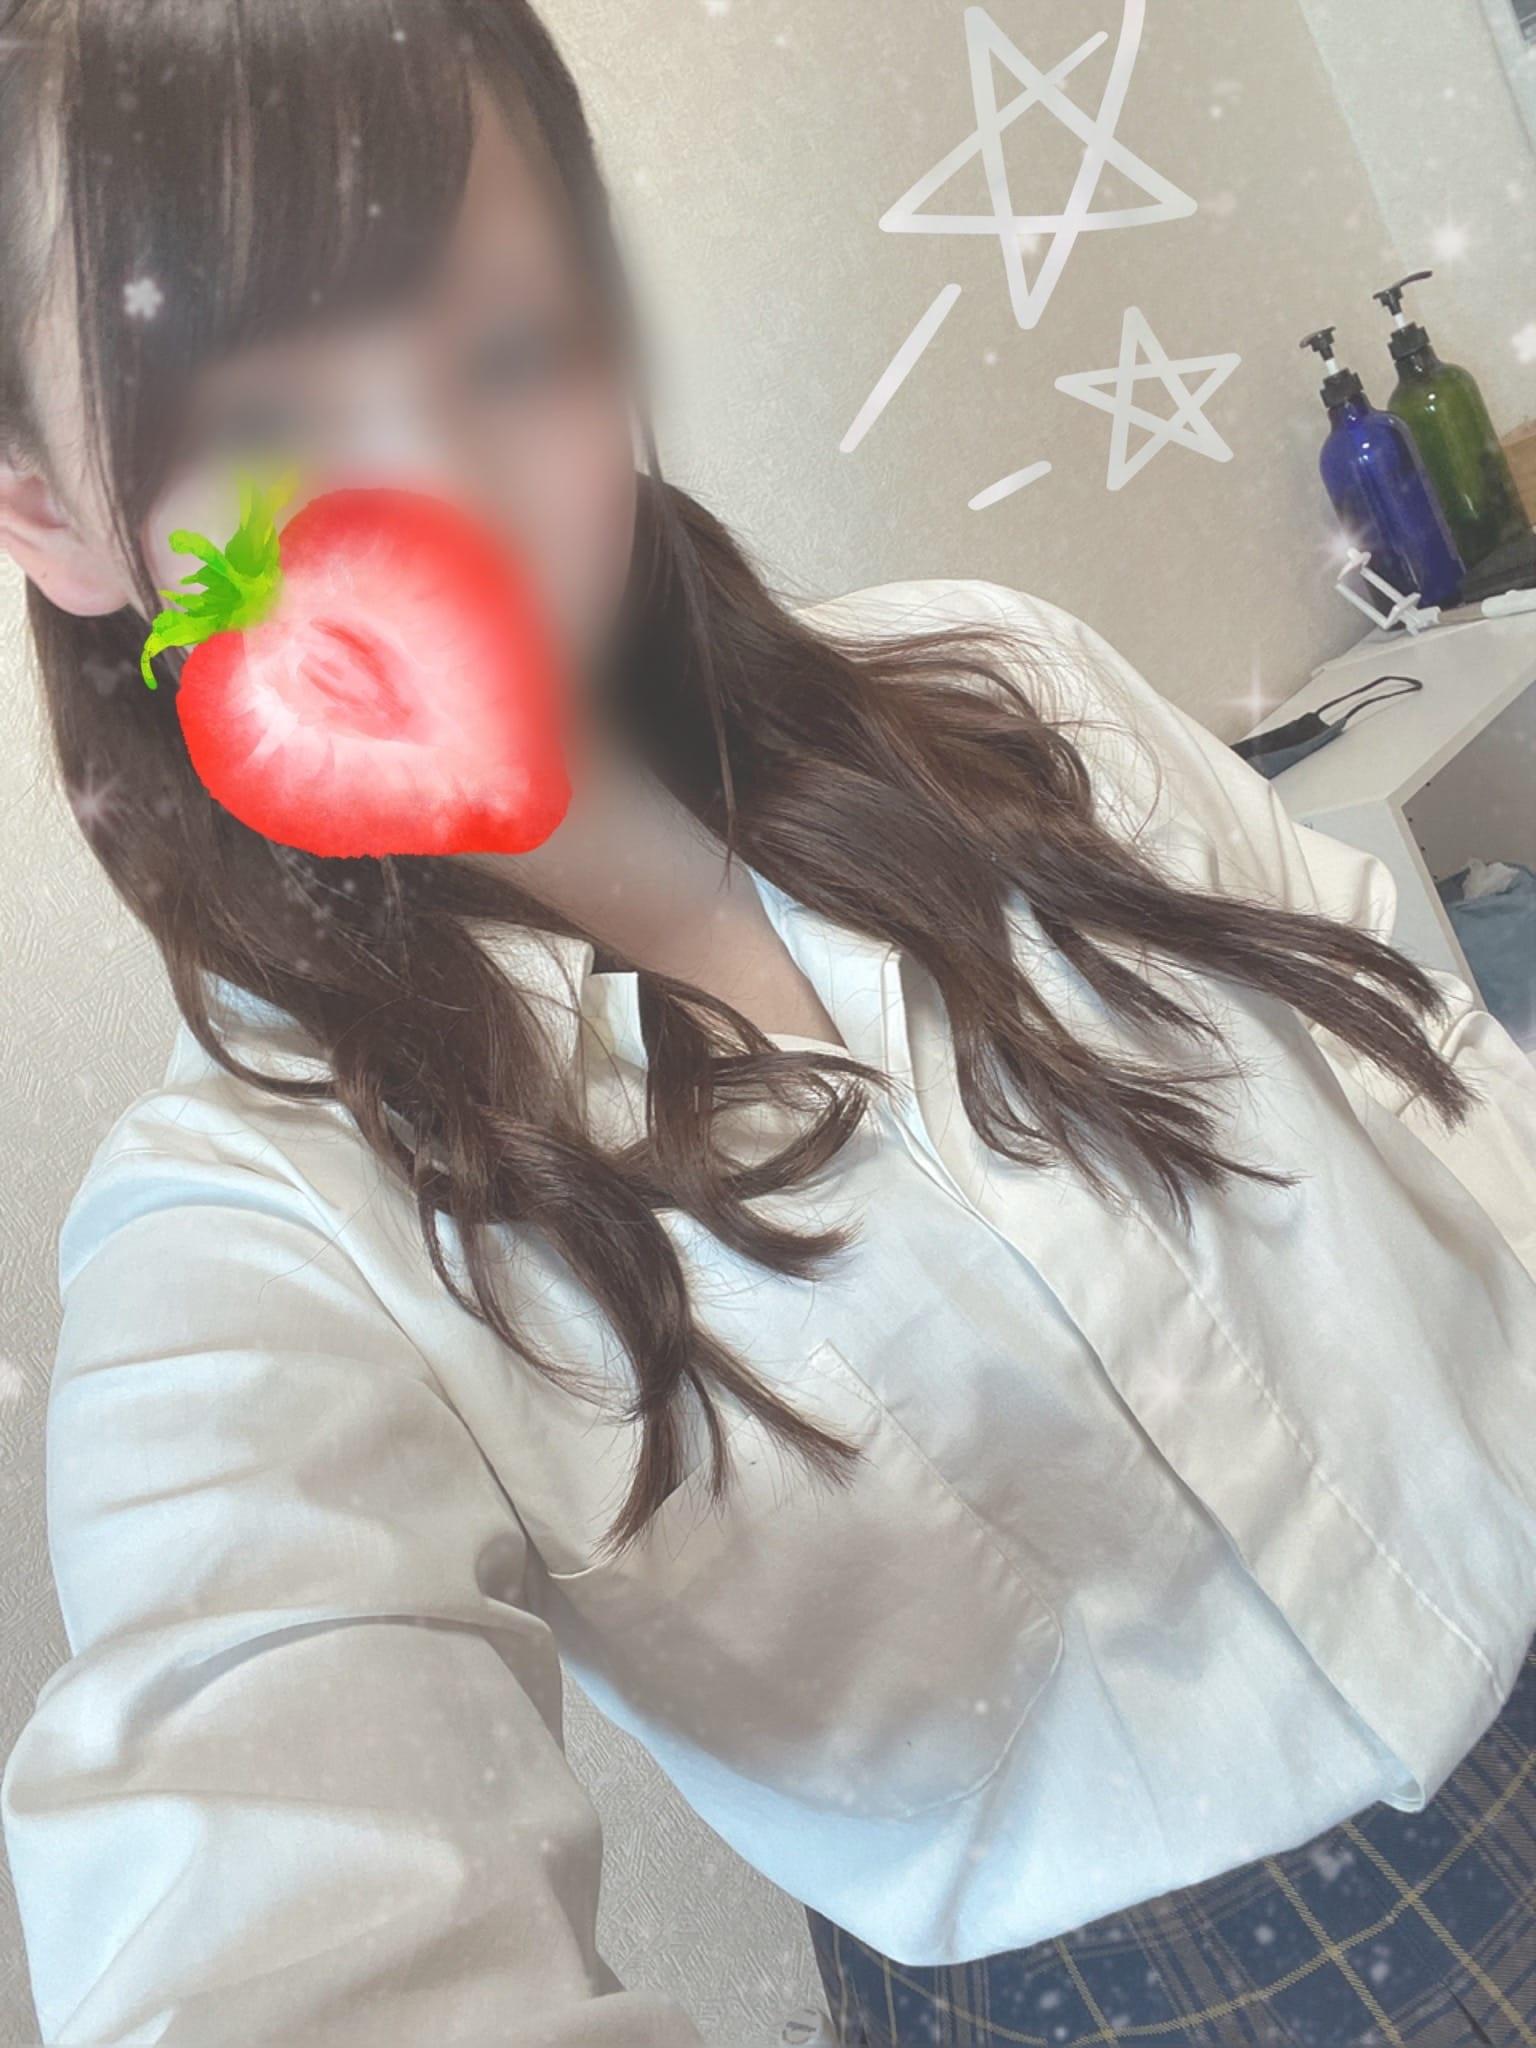 「こんばんは♡」08/11(水) 23:09   もかちゃんの写メ日記